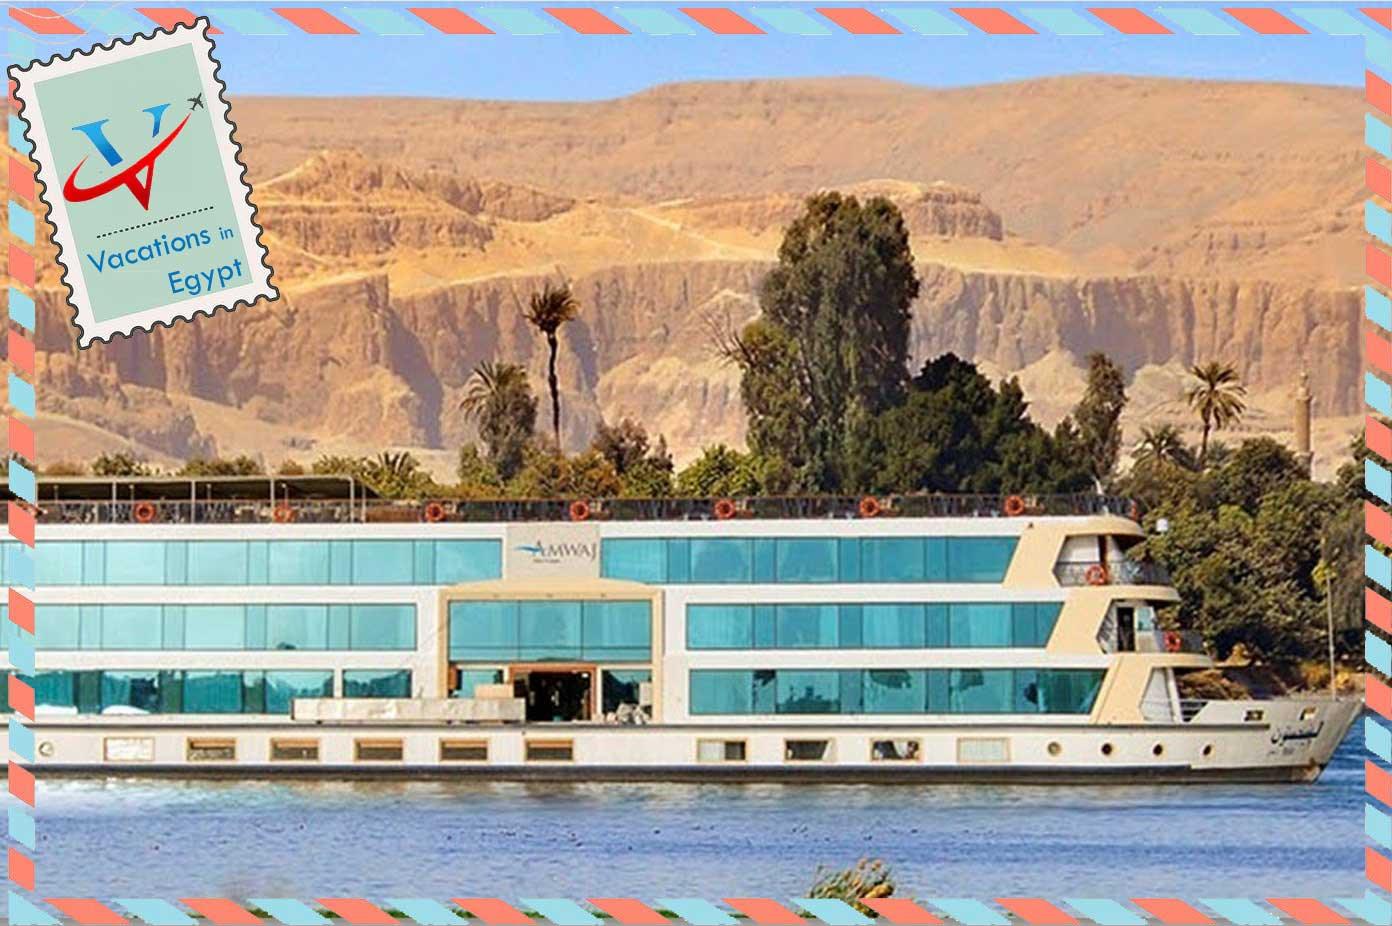 Amwaj Nile Cruise Egypt